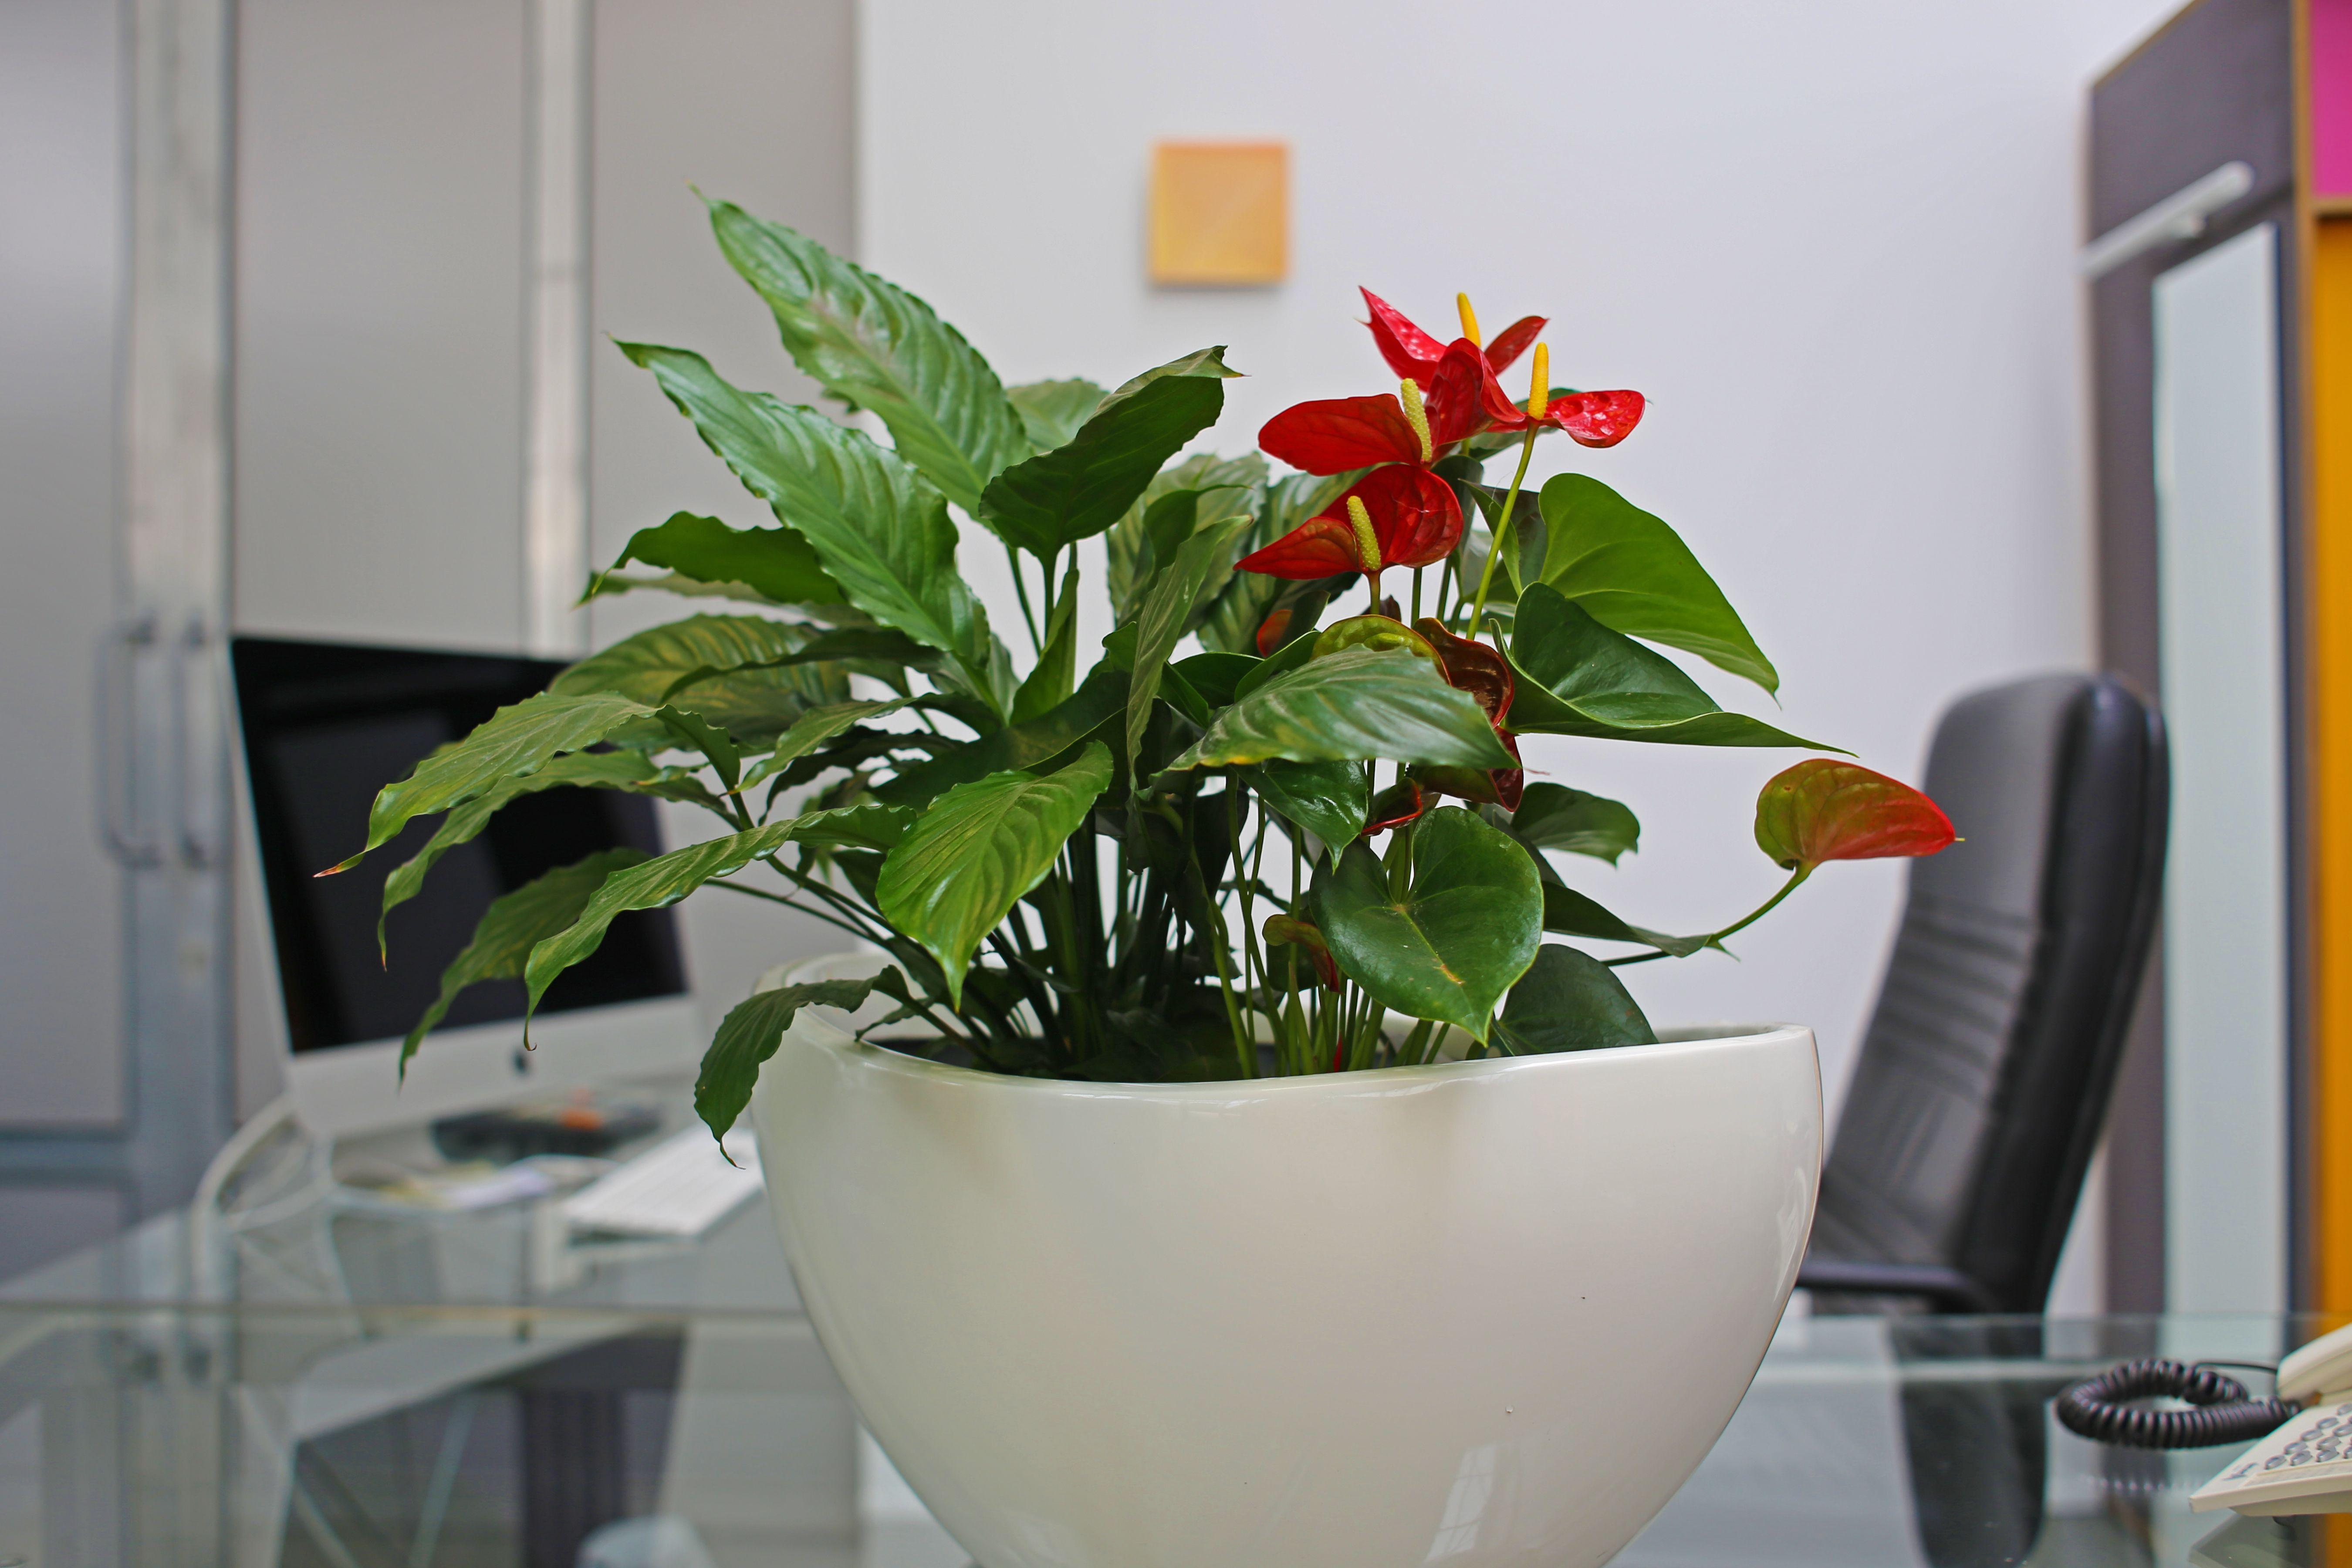 Buropflanze Raumbegrunung Pflanzenpflege Innenraumbegrunung